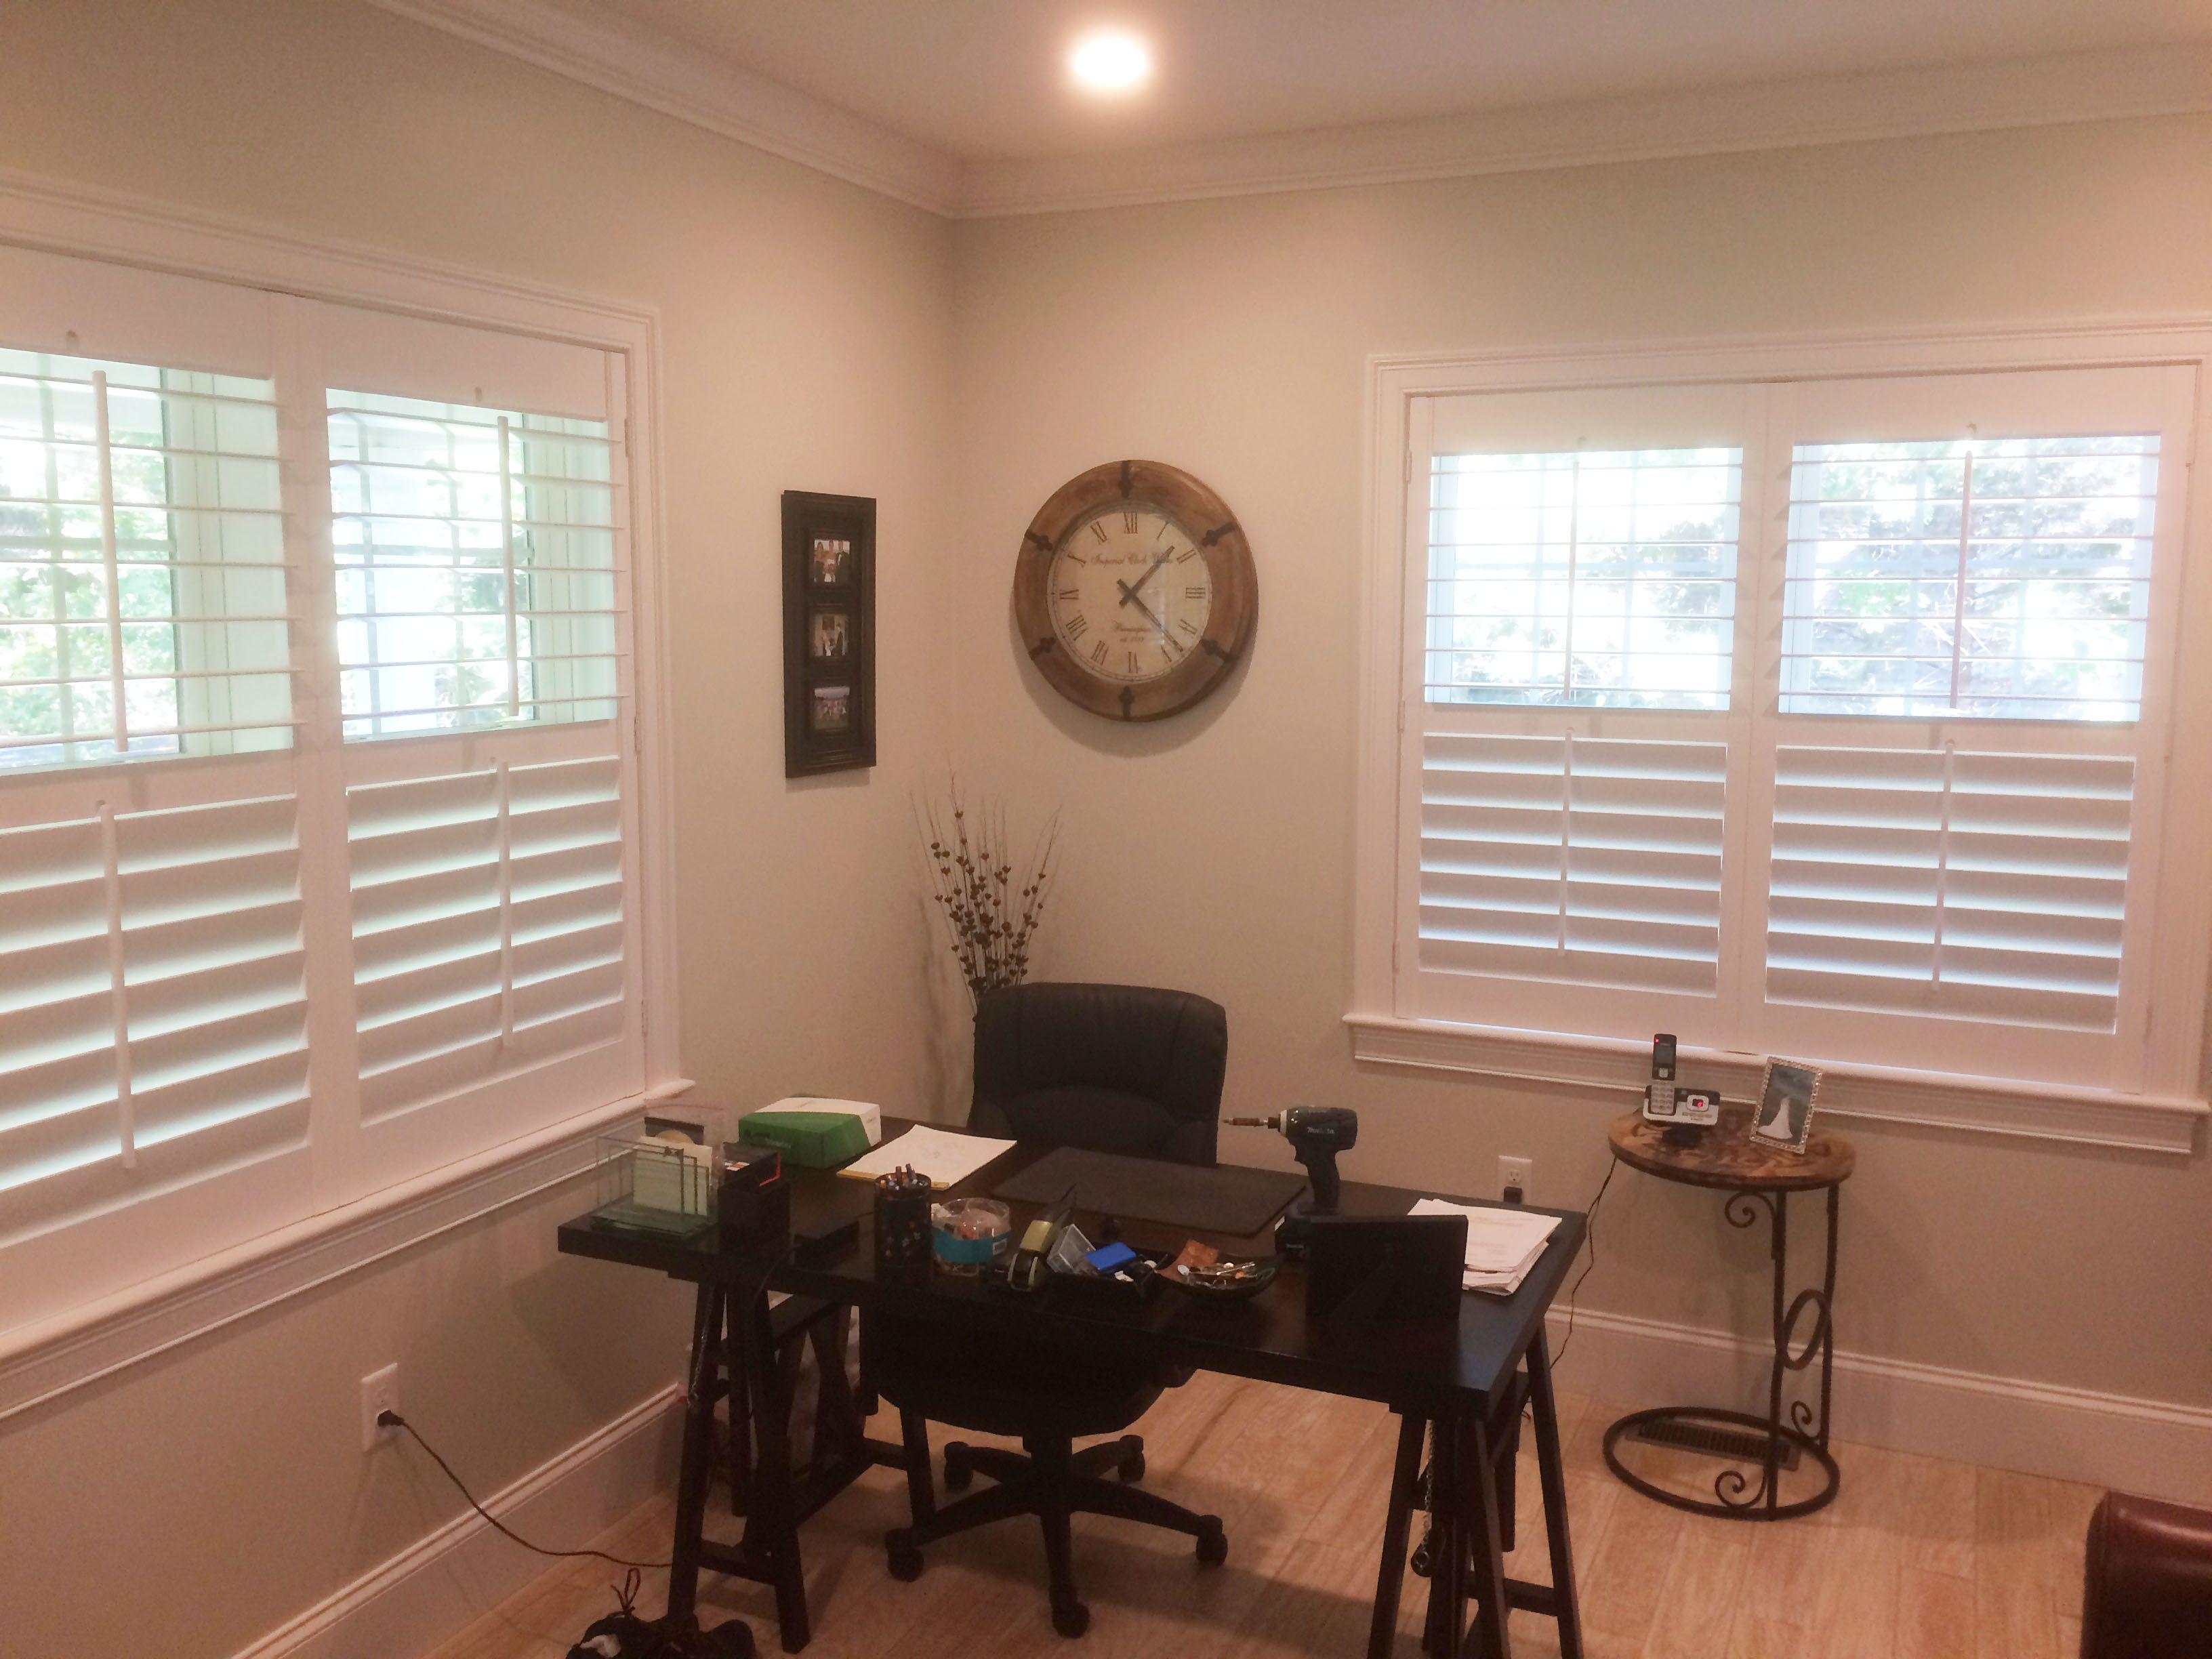 56 office window treatments ideas in